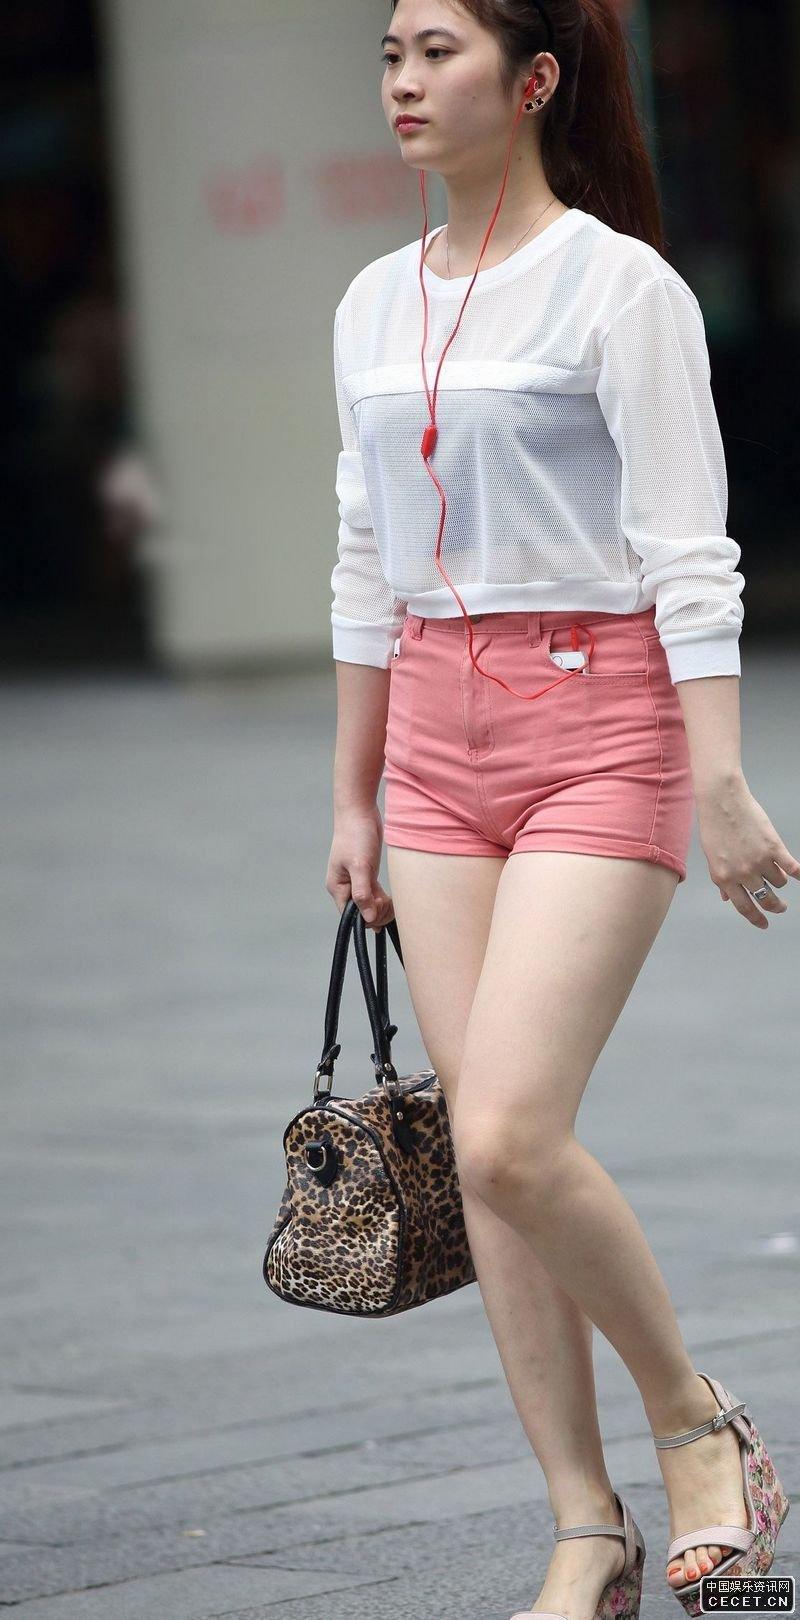 中国娱乐资讯网街拍_建设北路街拍的白色热裤美腿女生中国娱乐资